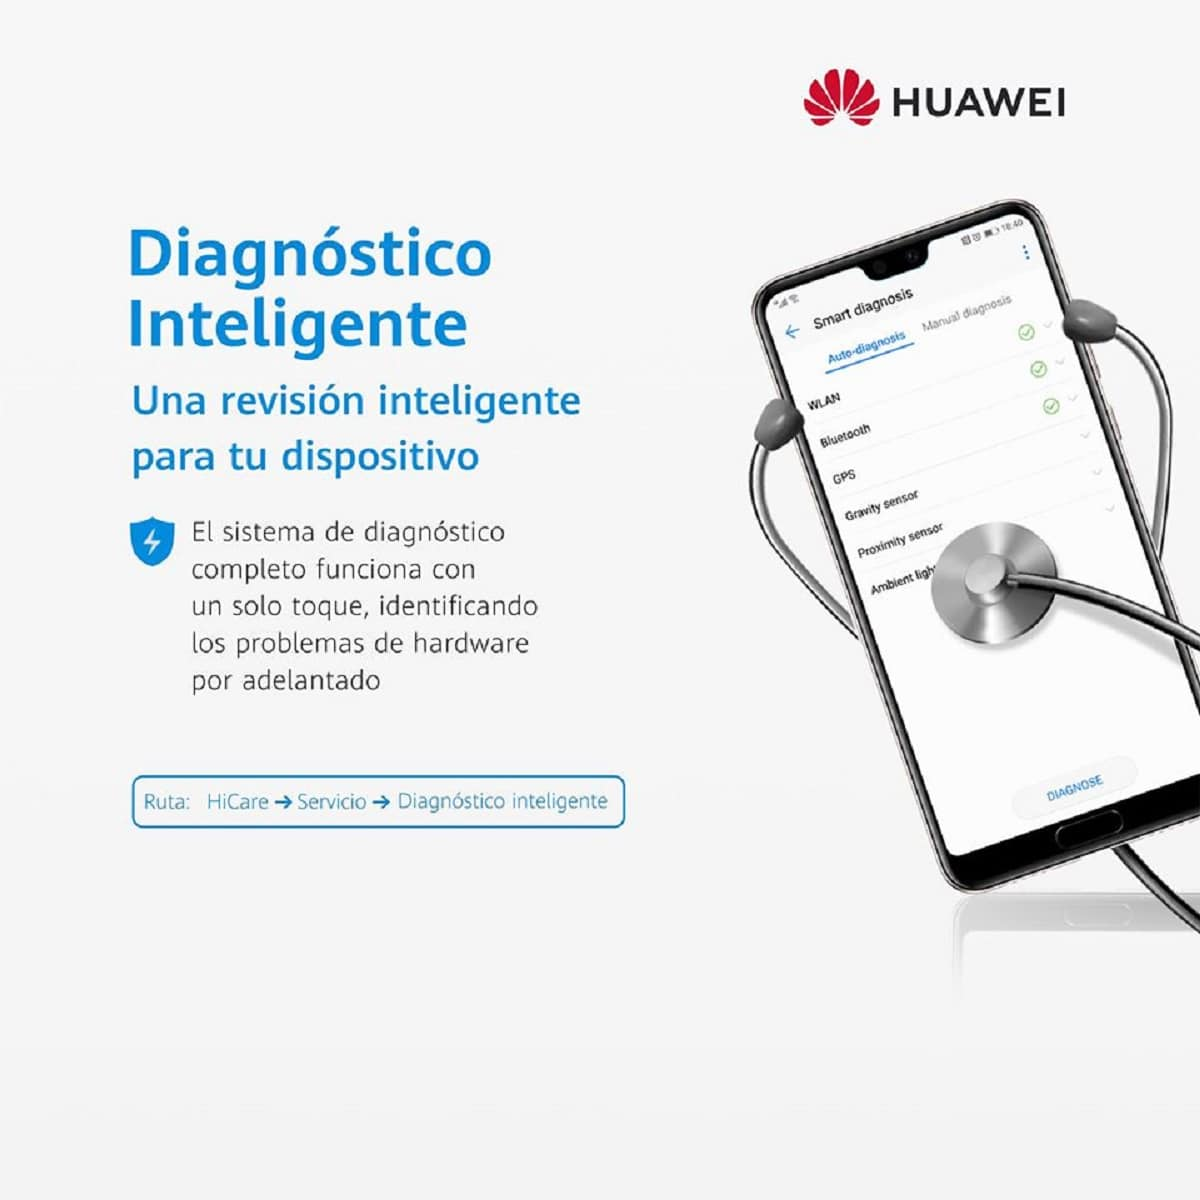 diagnostico inteligente huawei